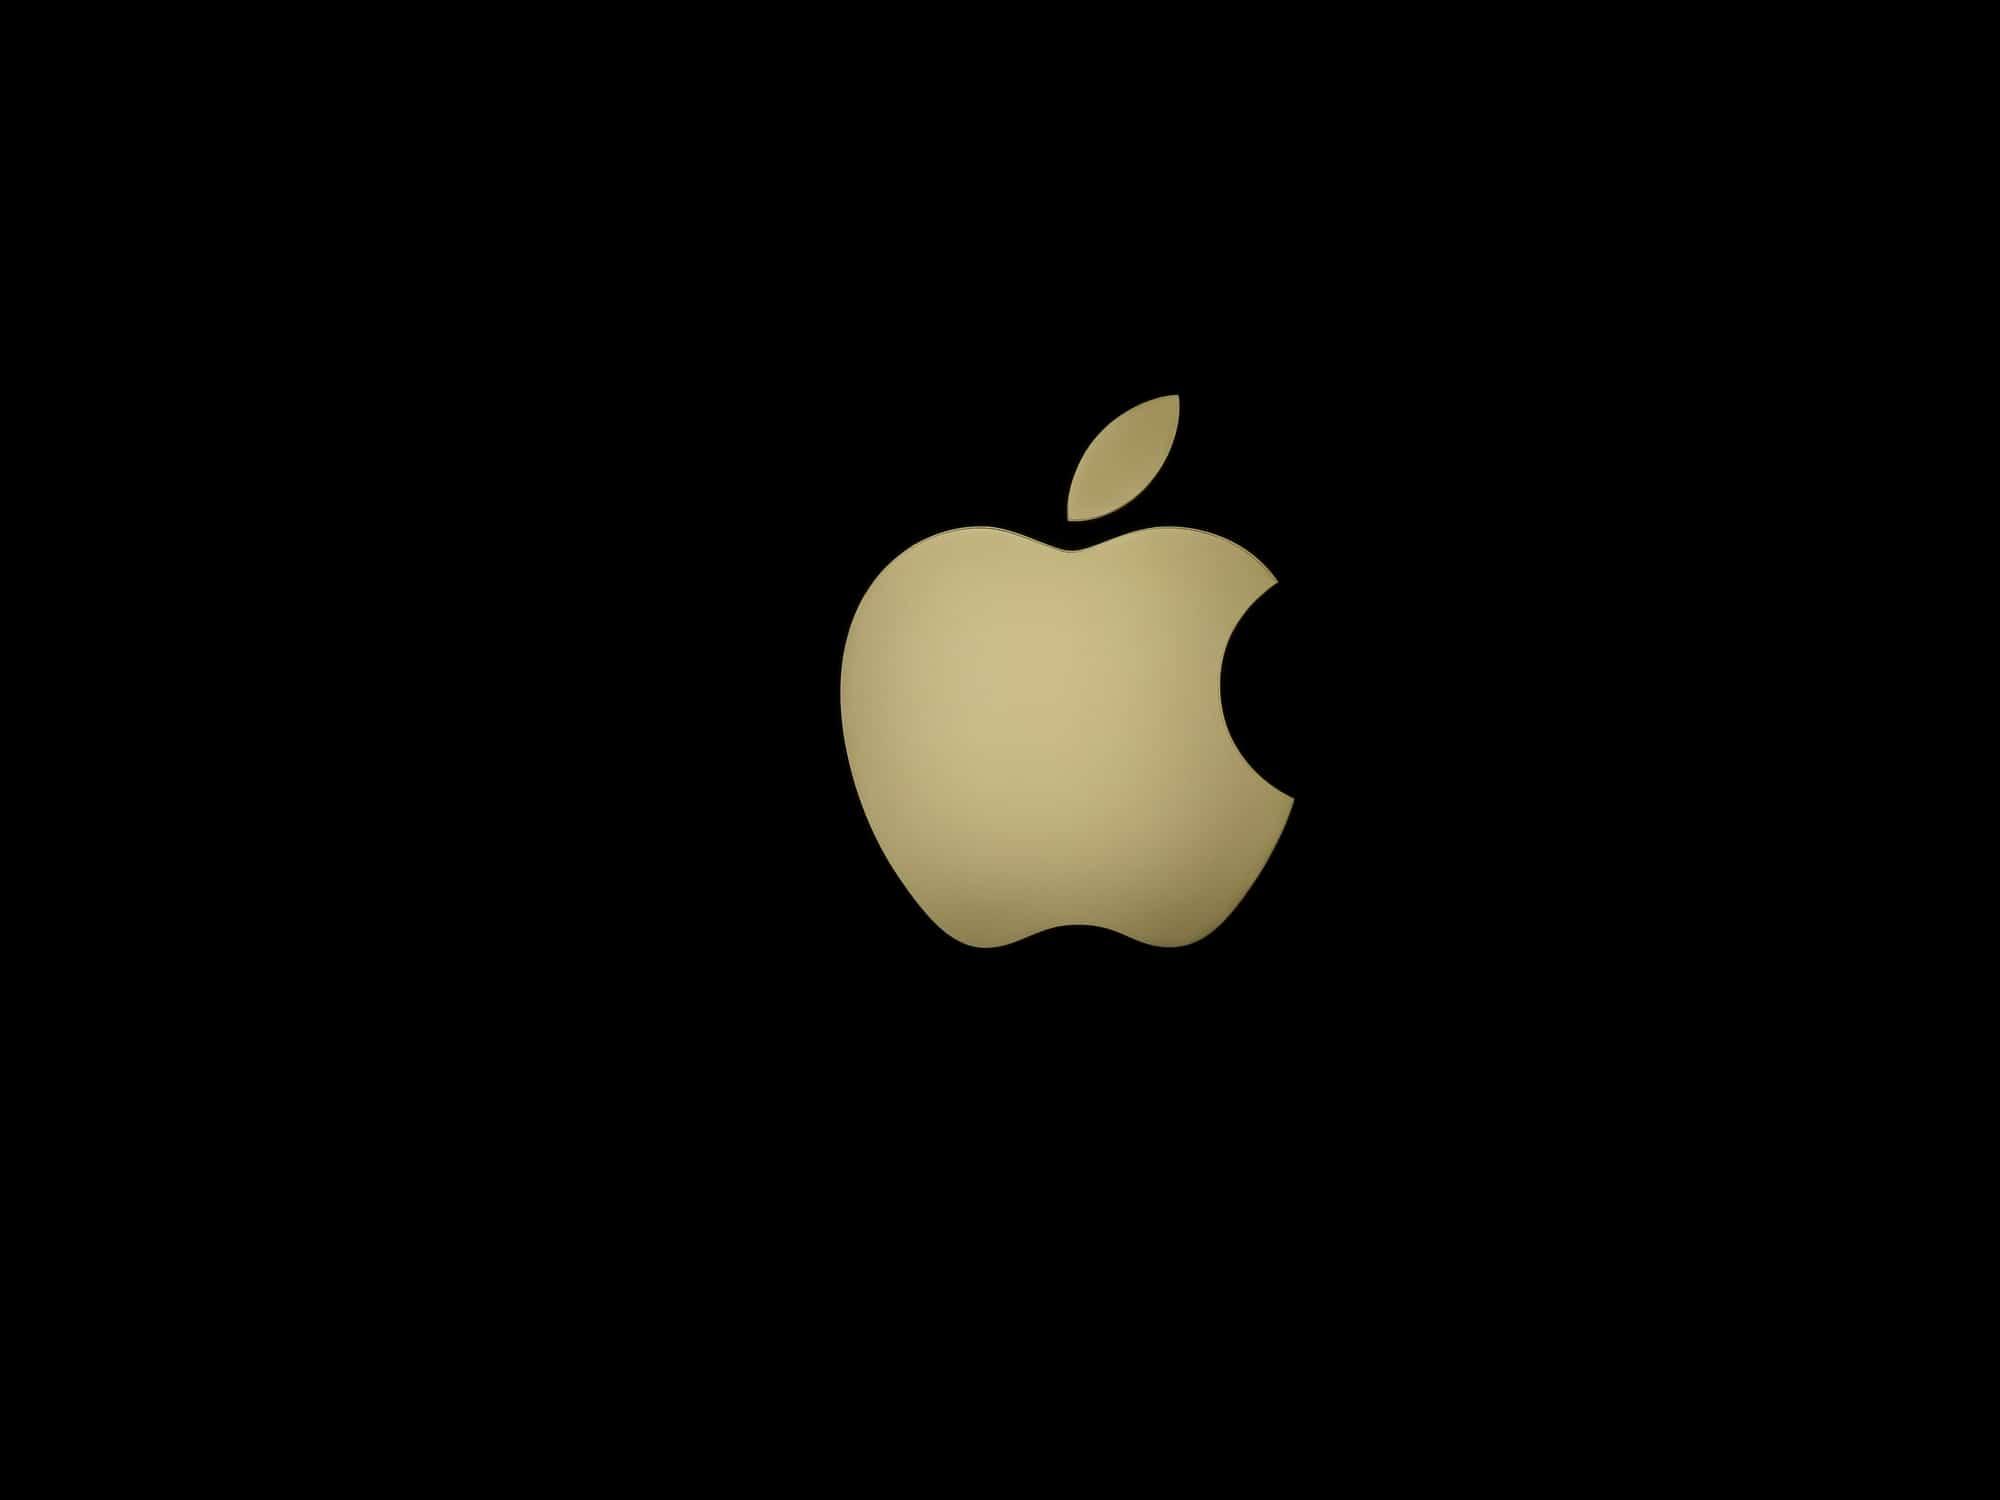 Per il nono anno consecutivo Apple è il miglior marchio secondo Interbrand thumbnail